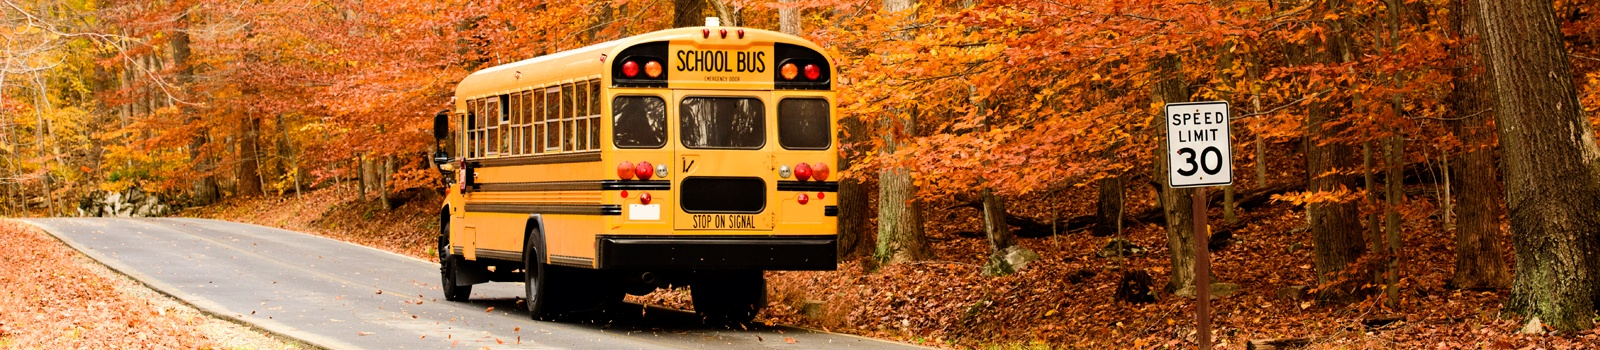 School Bus Financing